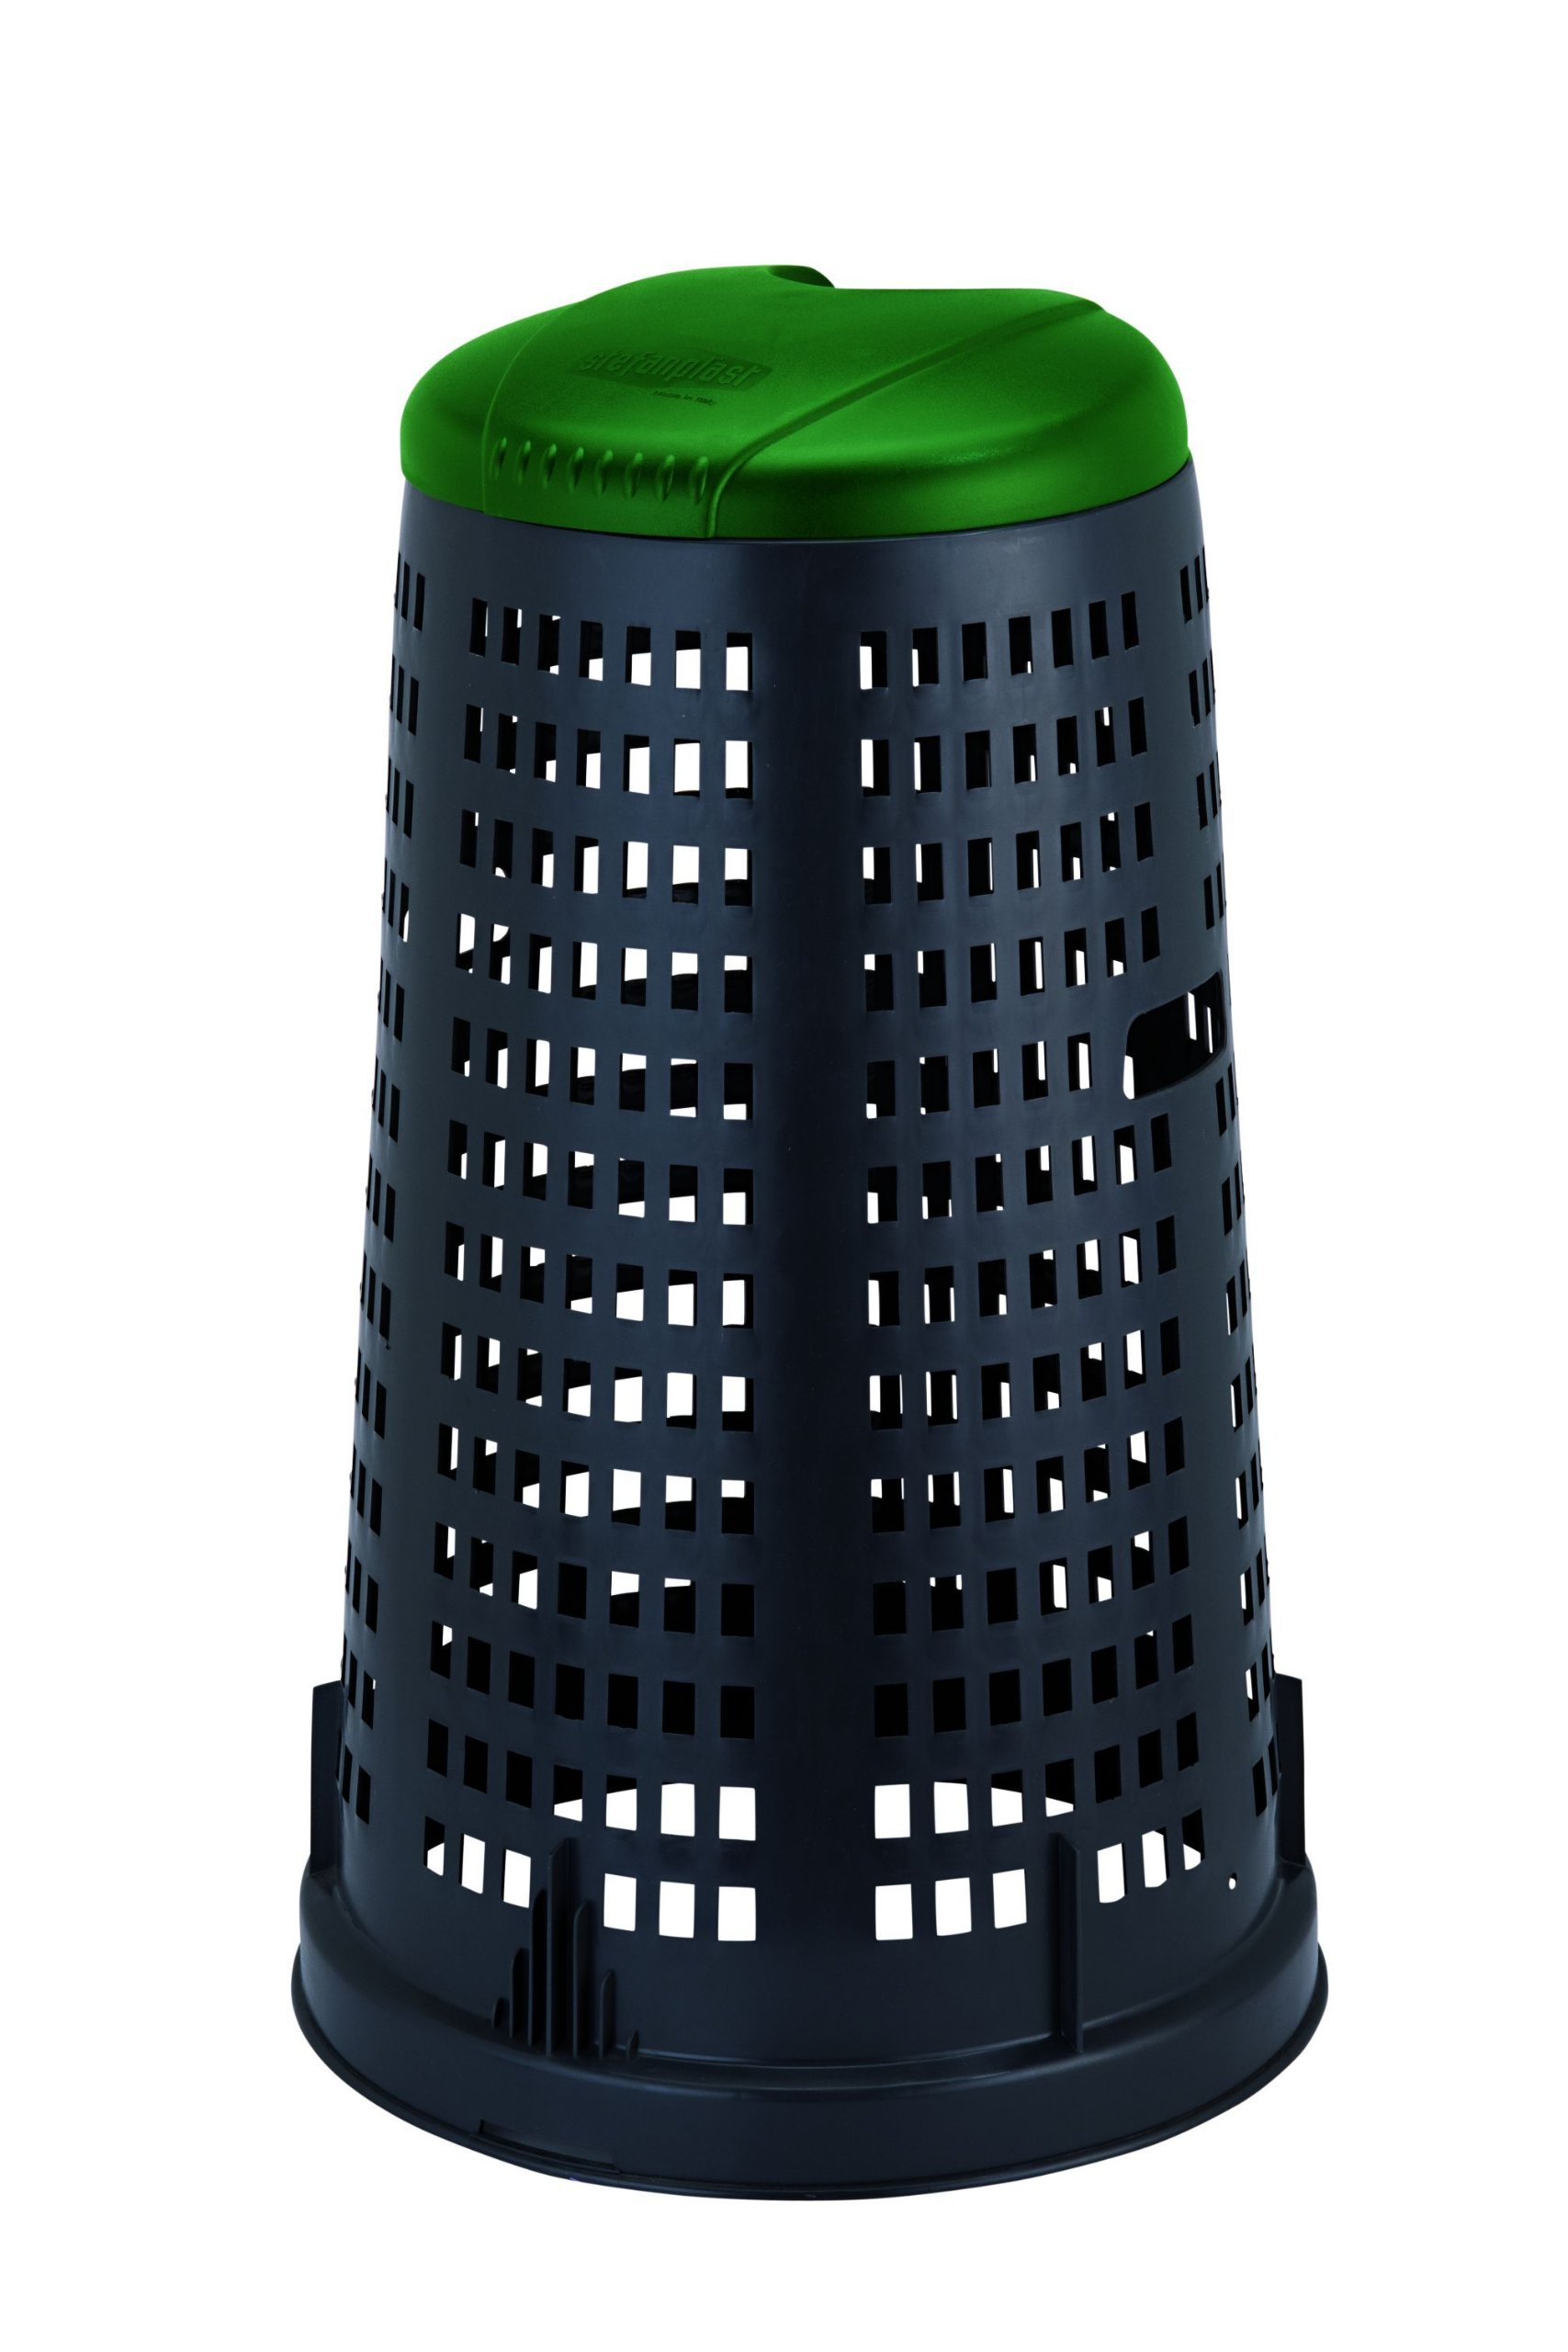 Stefanplast Trestle Bin, Green/Black, 100 Litre